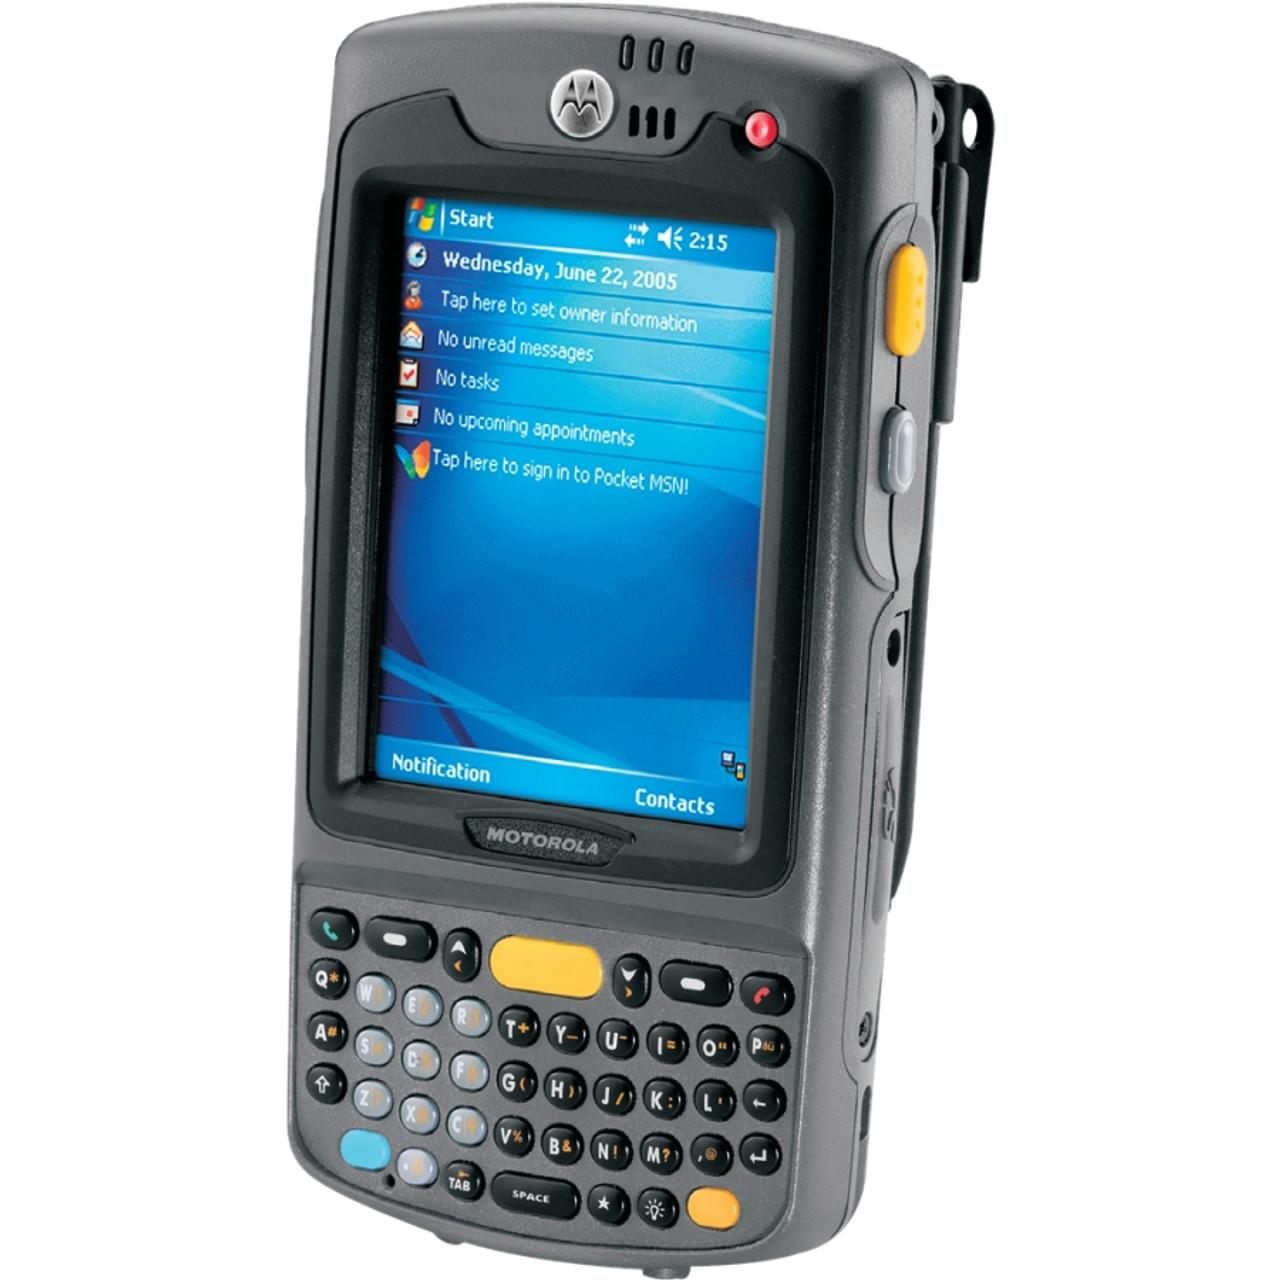 Motorola Mc7090 Manual Car Owners Manual